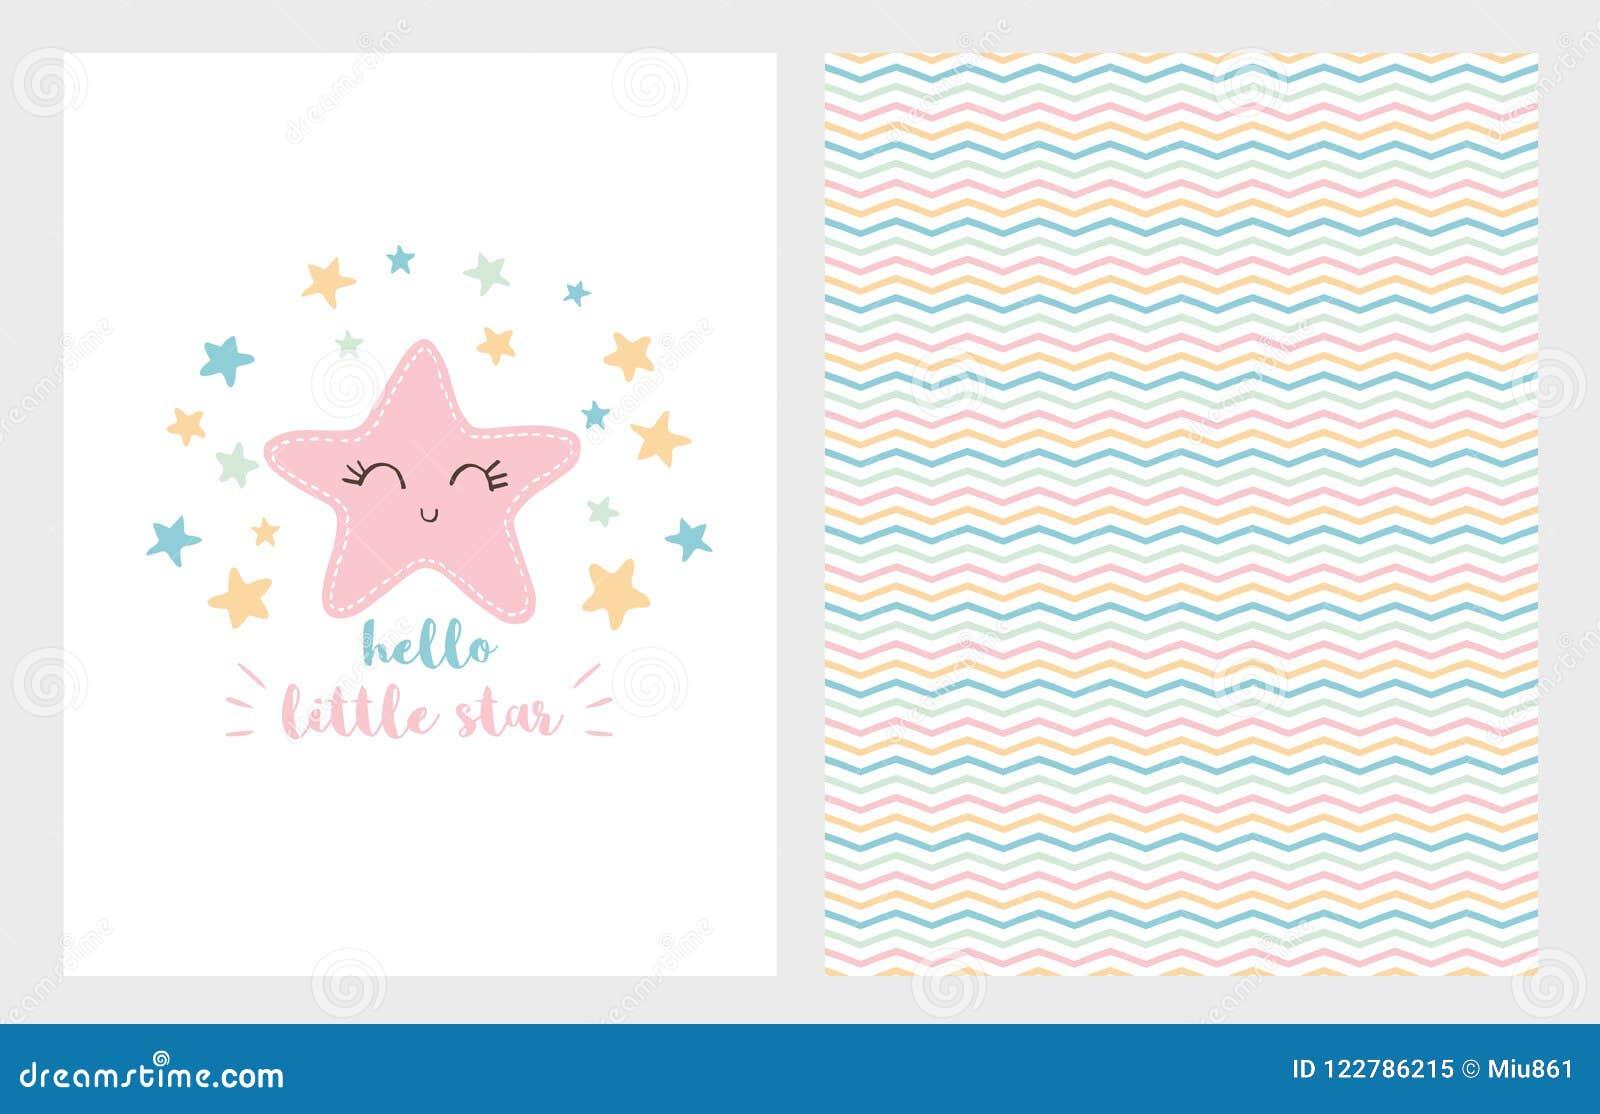 Γειά σου λίγο διανυσματικό σύνολο απεικόνισης αστεριών Συρμένο χέρι σχέδιο Χαμογελώντας ρόδινο αστέρι νέο ντους καρτών αγοριών μω